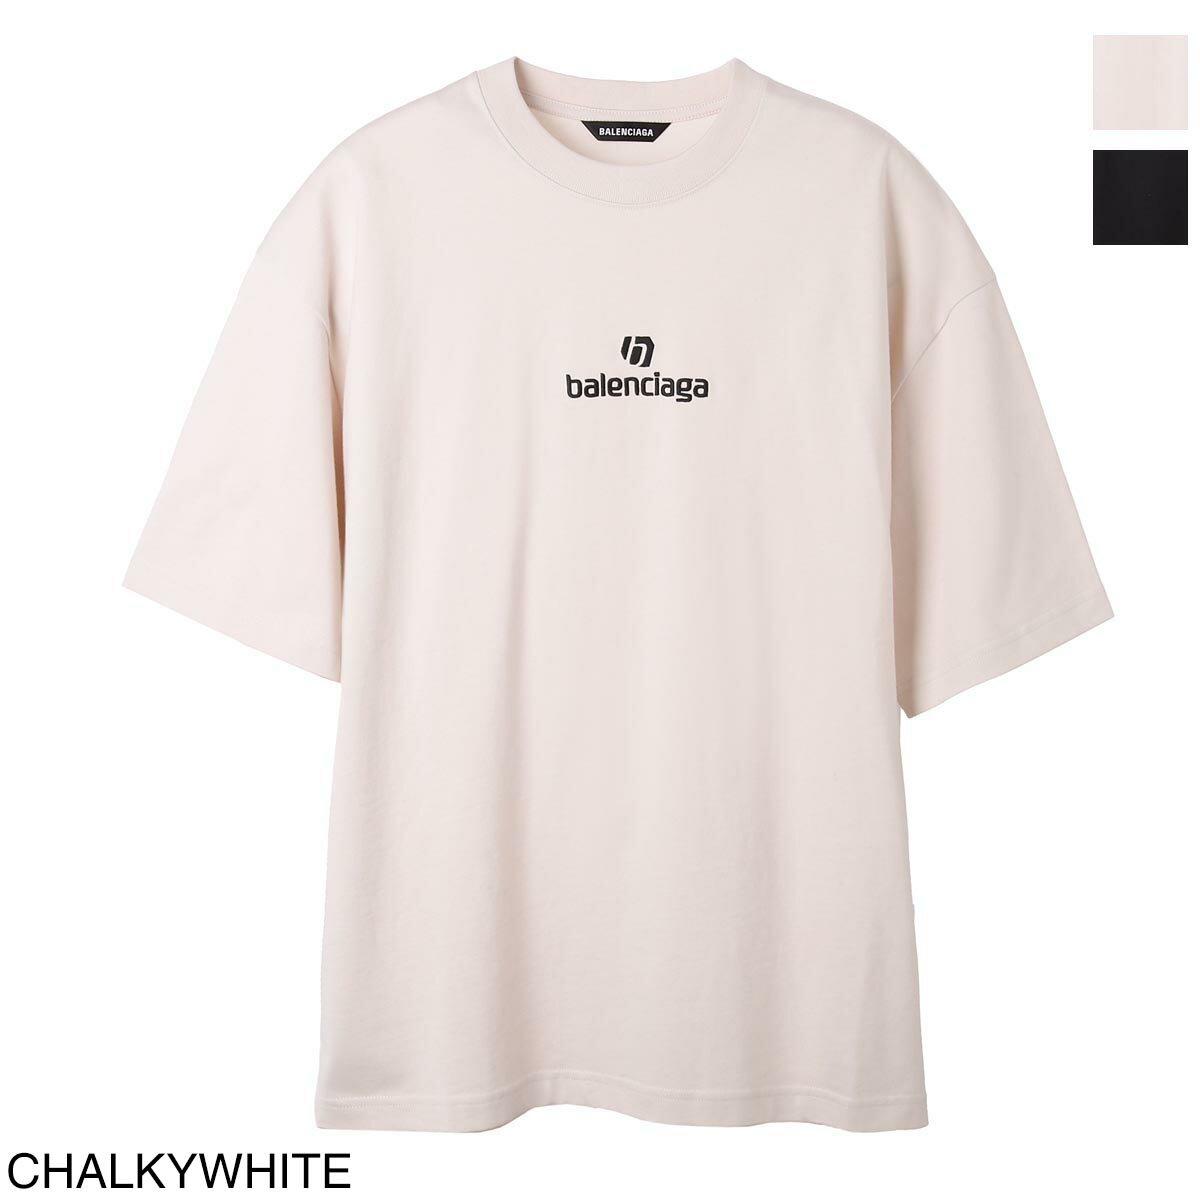 トップス, Tシャツ・カットソー  BALENCIAGA T 612966 tjvd9 9054 SPONSOR MEDIUM FIT T-SHIRT